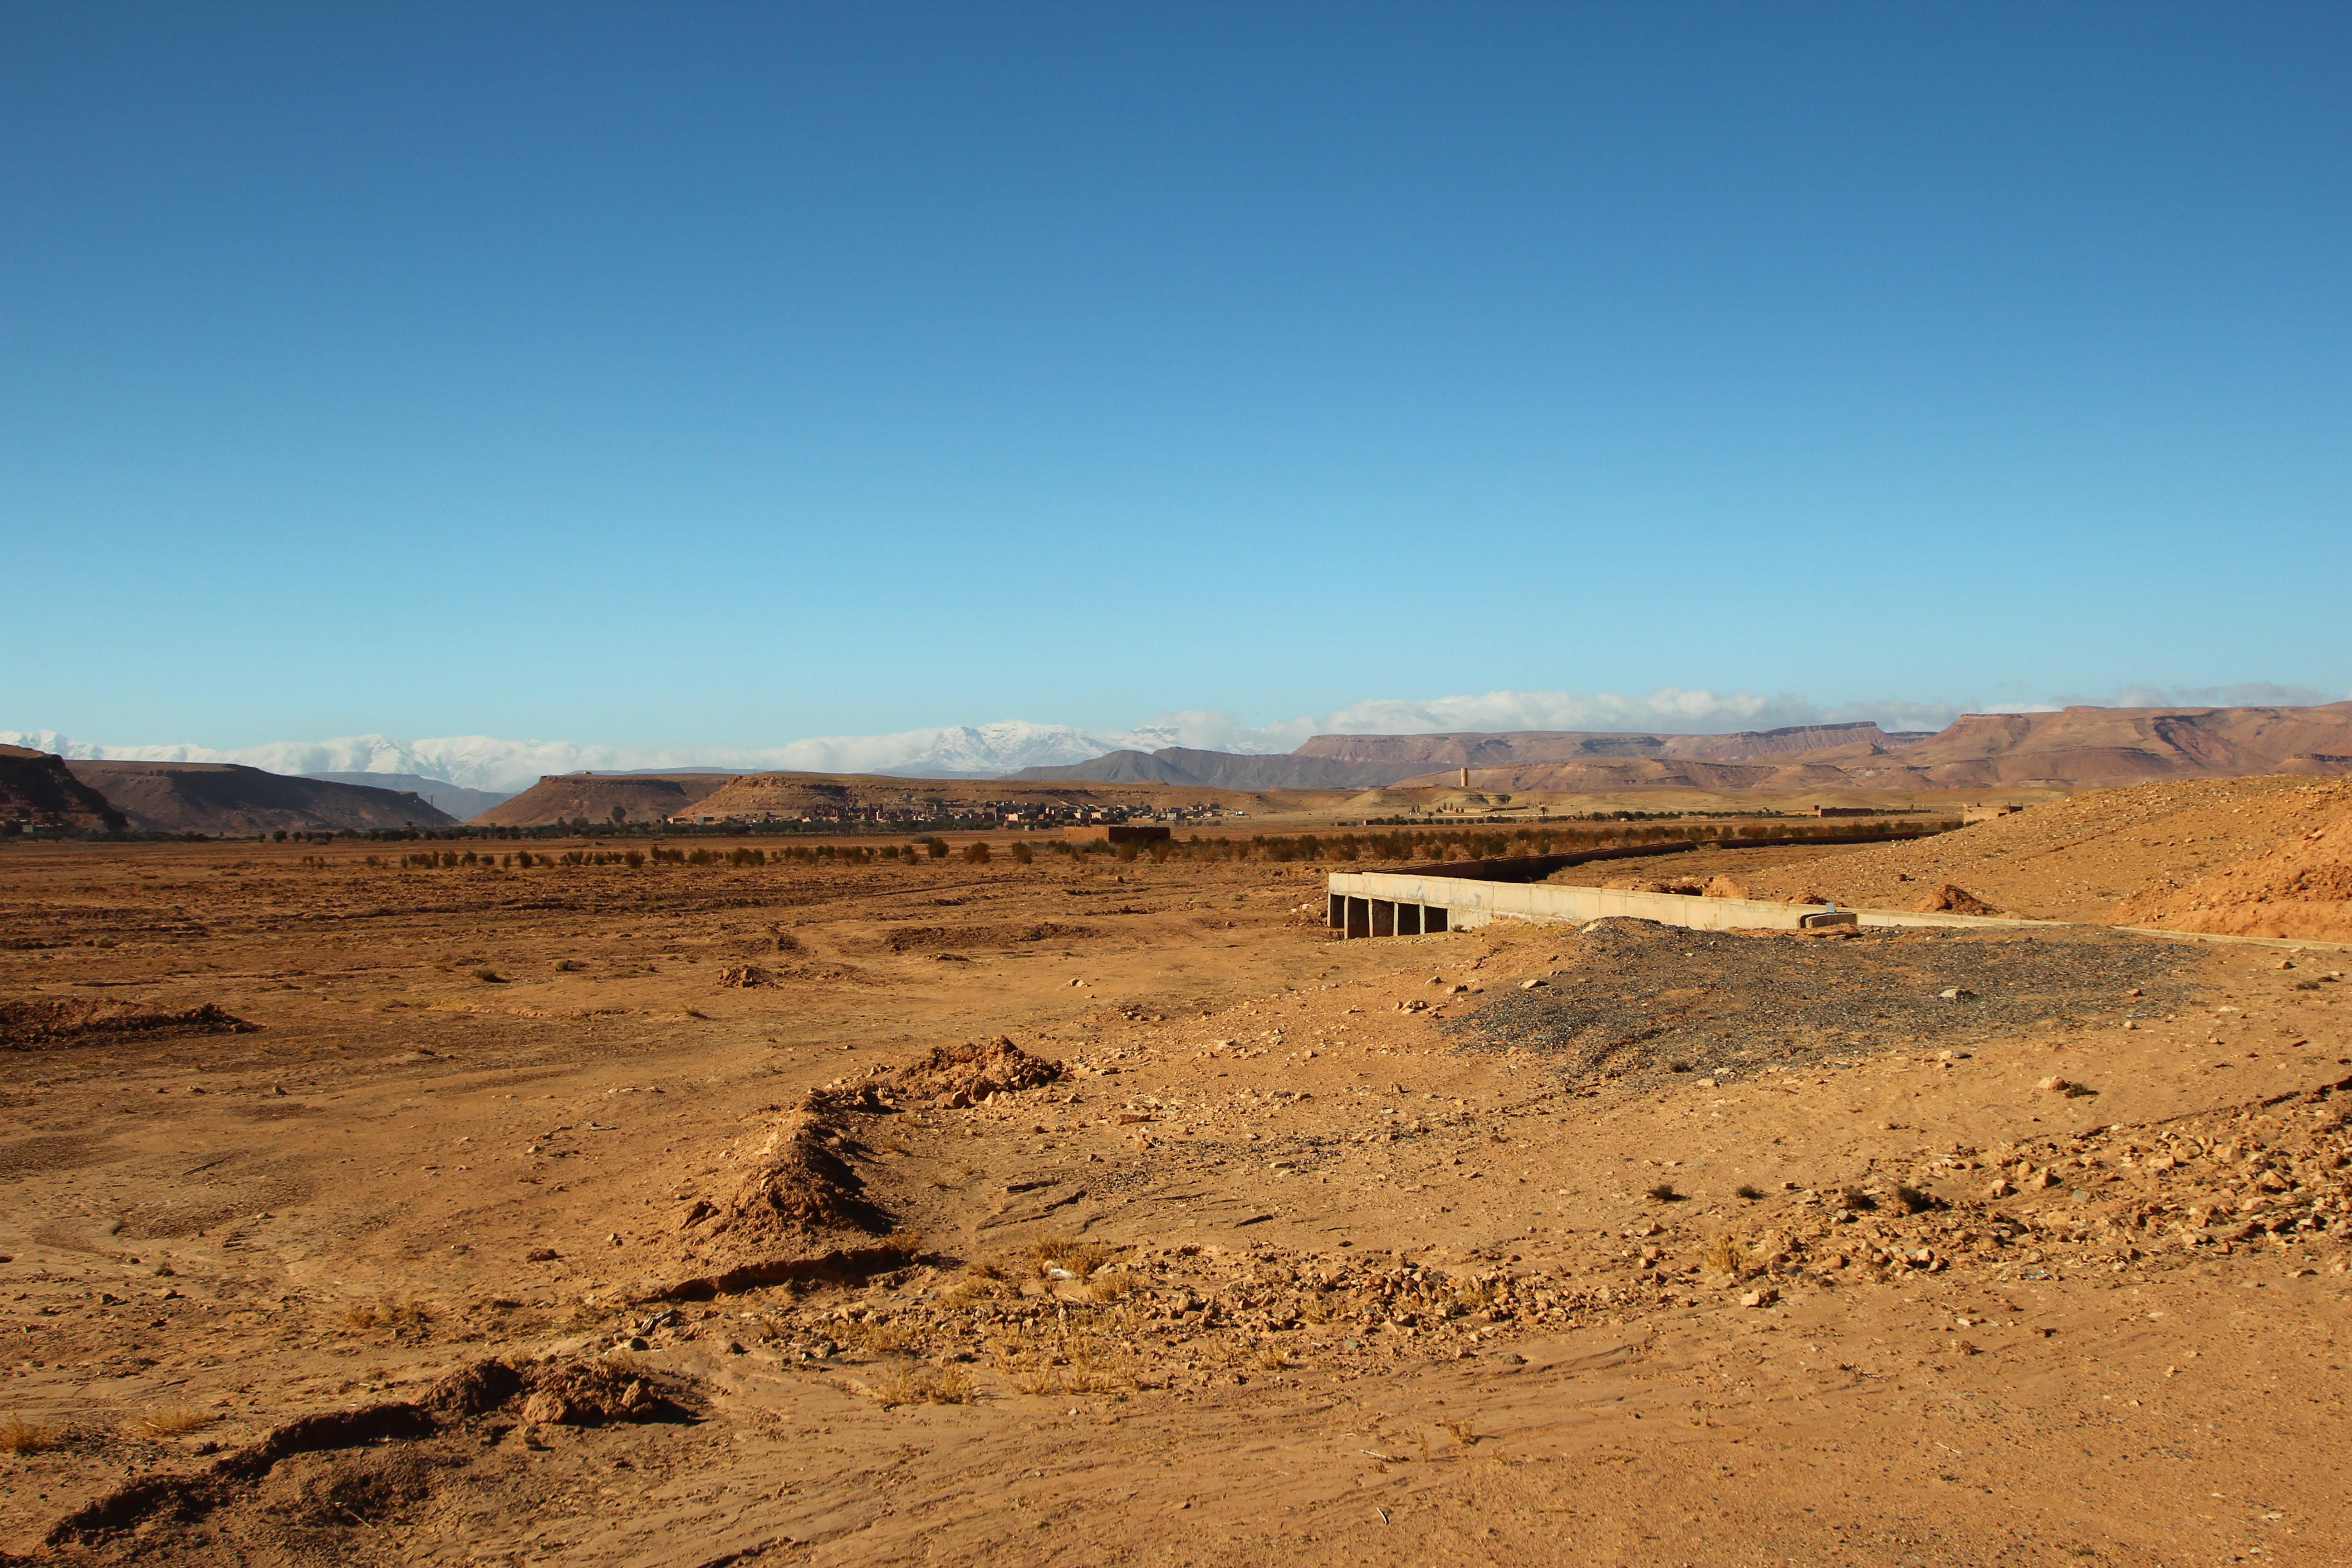 Marokko. Karge Landschaft. Im Hintergrund das schneebedeckte Atlasgebirge.